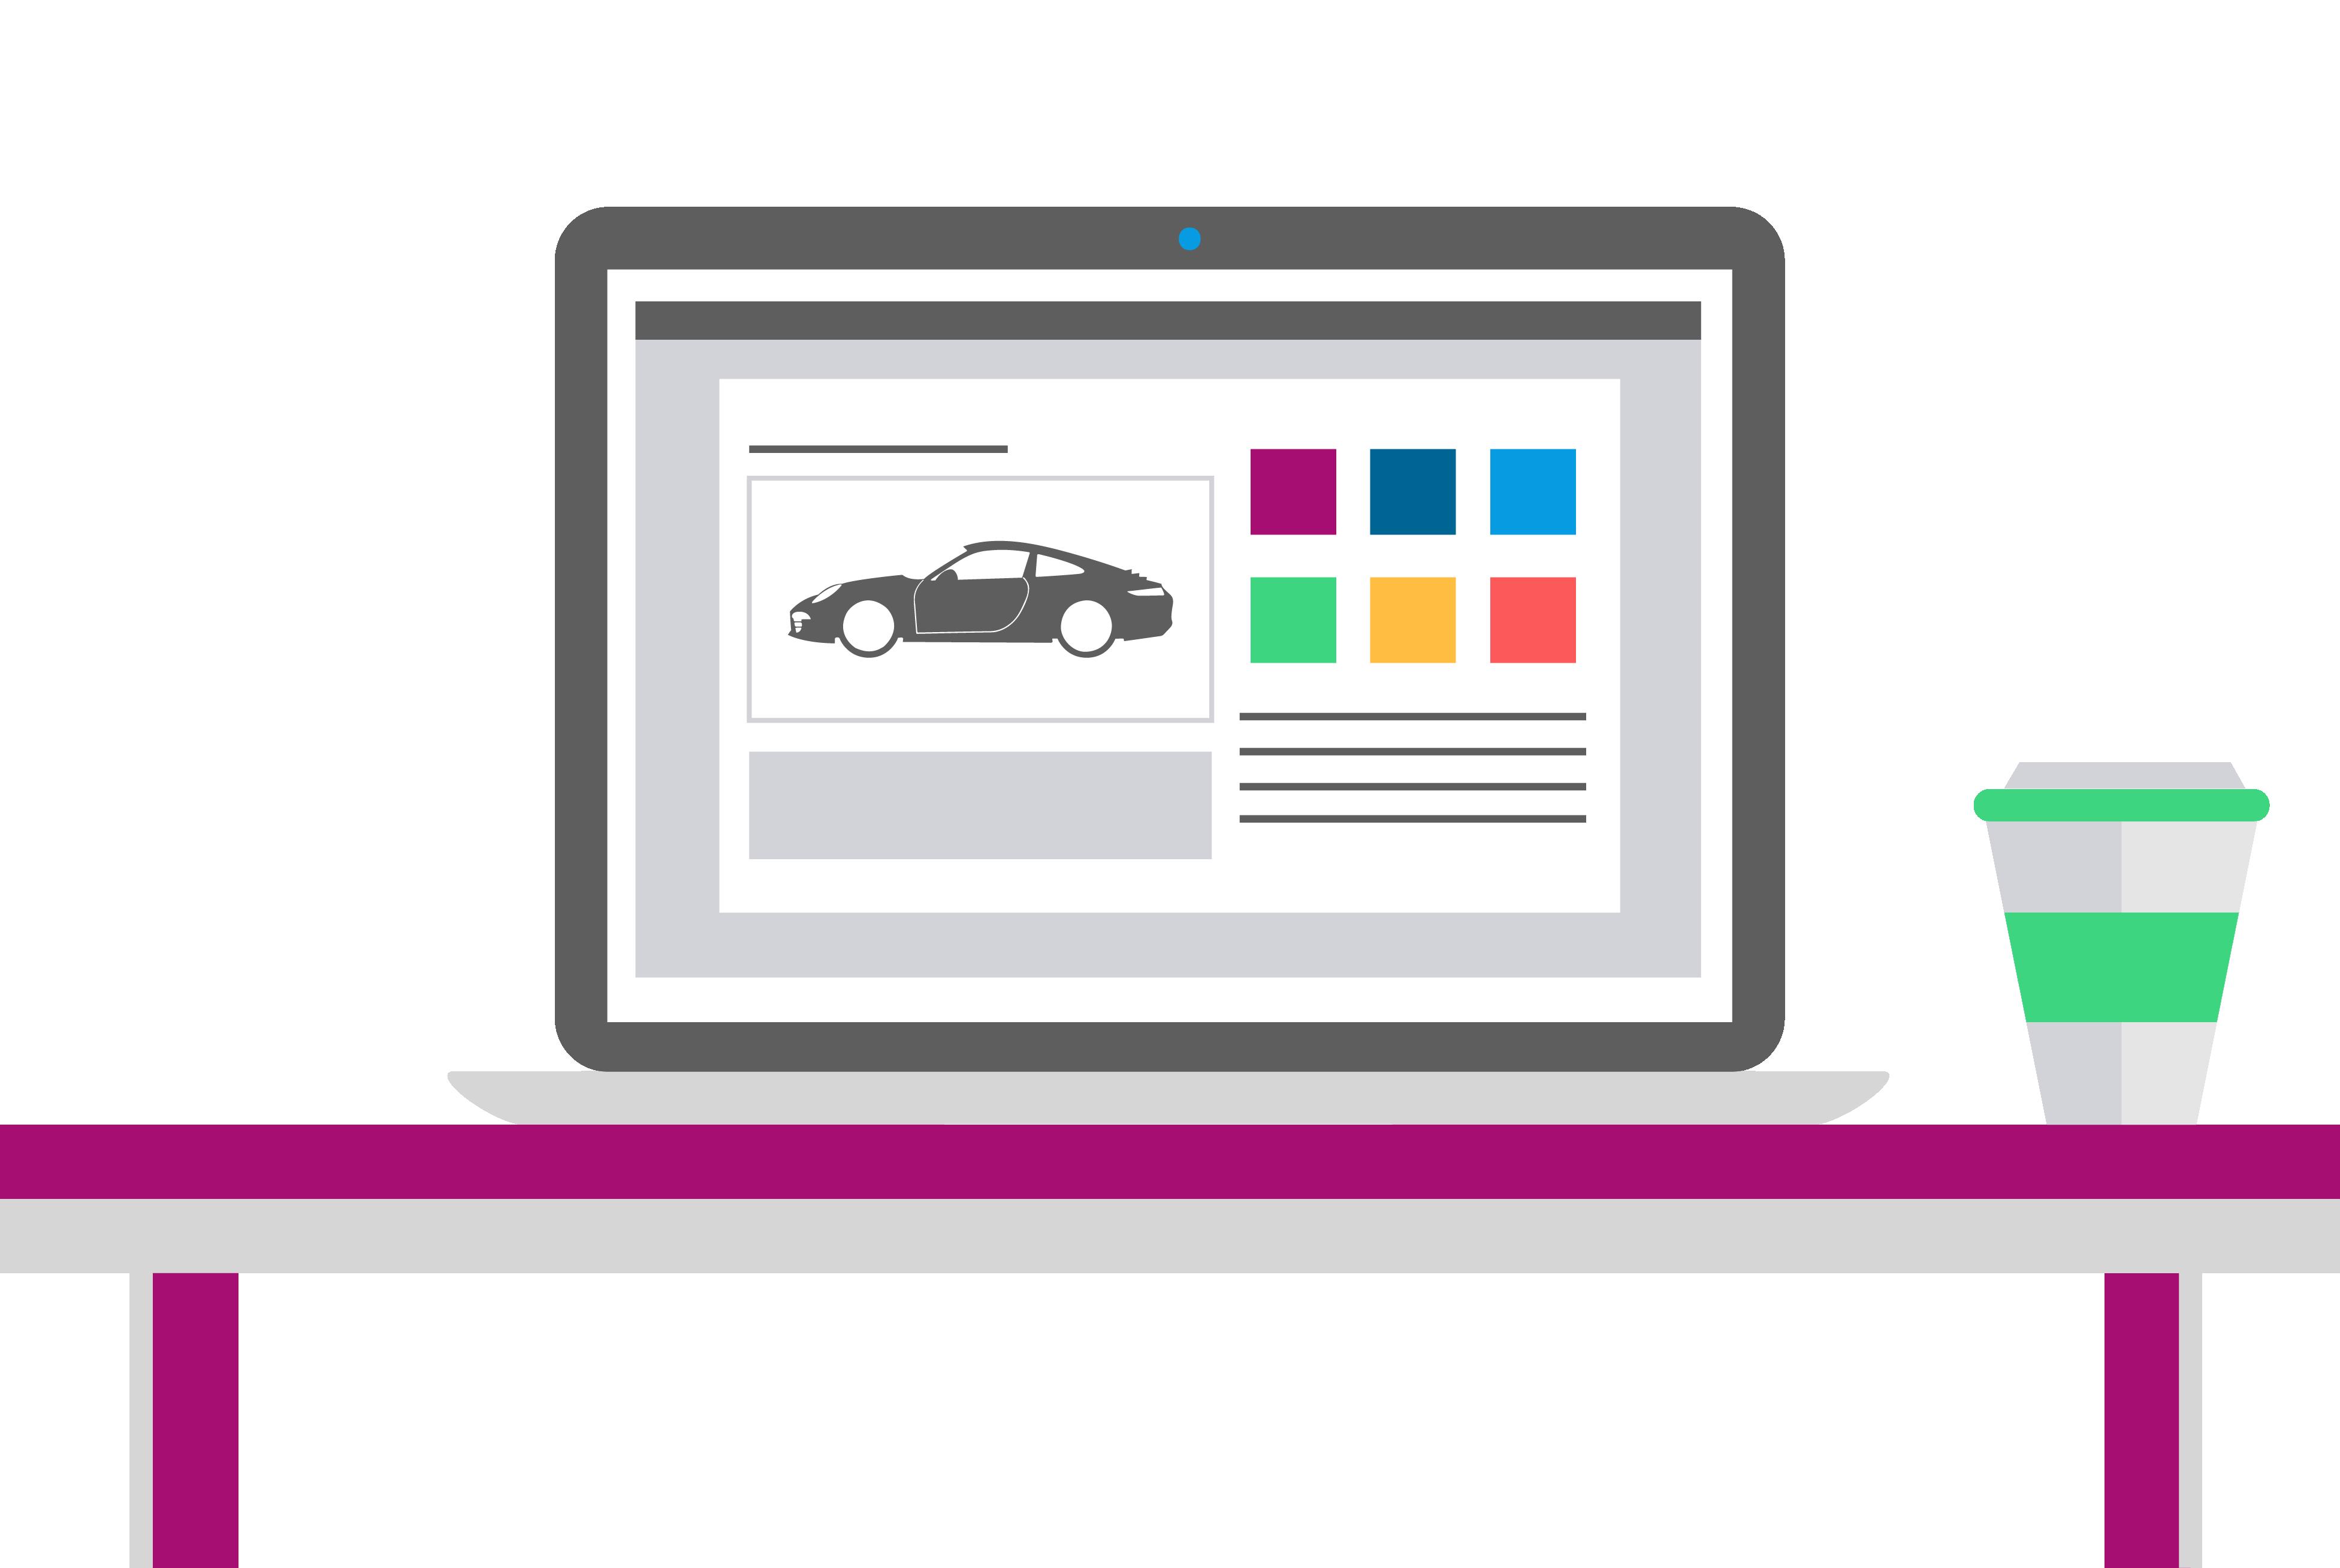 Laptop on desk showing car website. Coffee is beside laptop